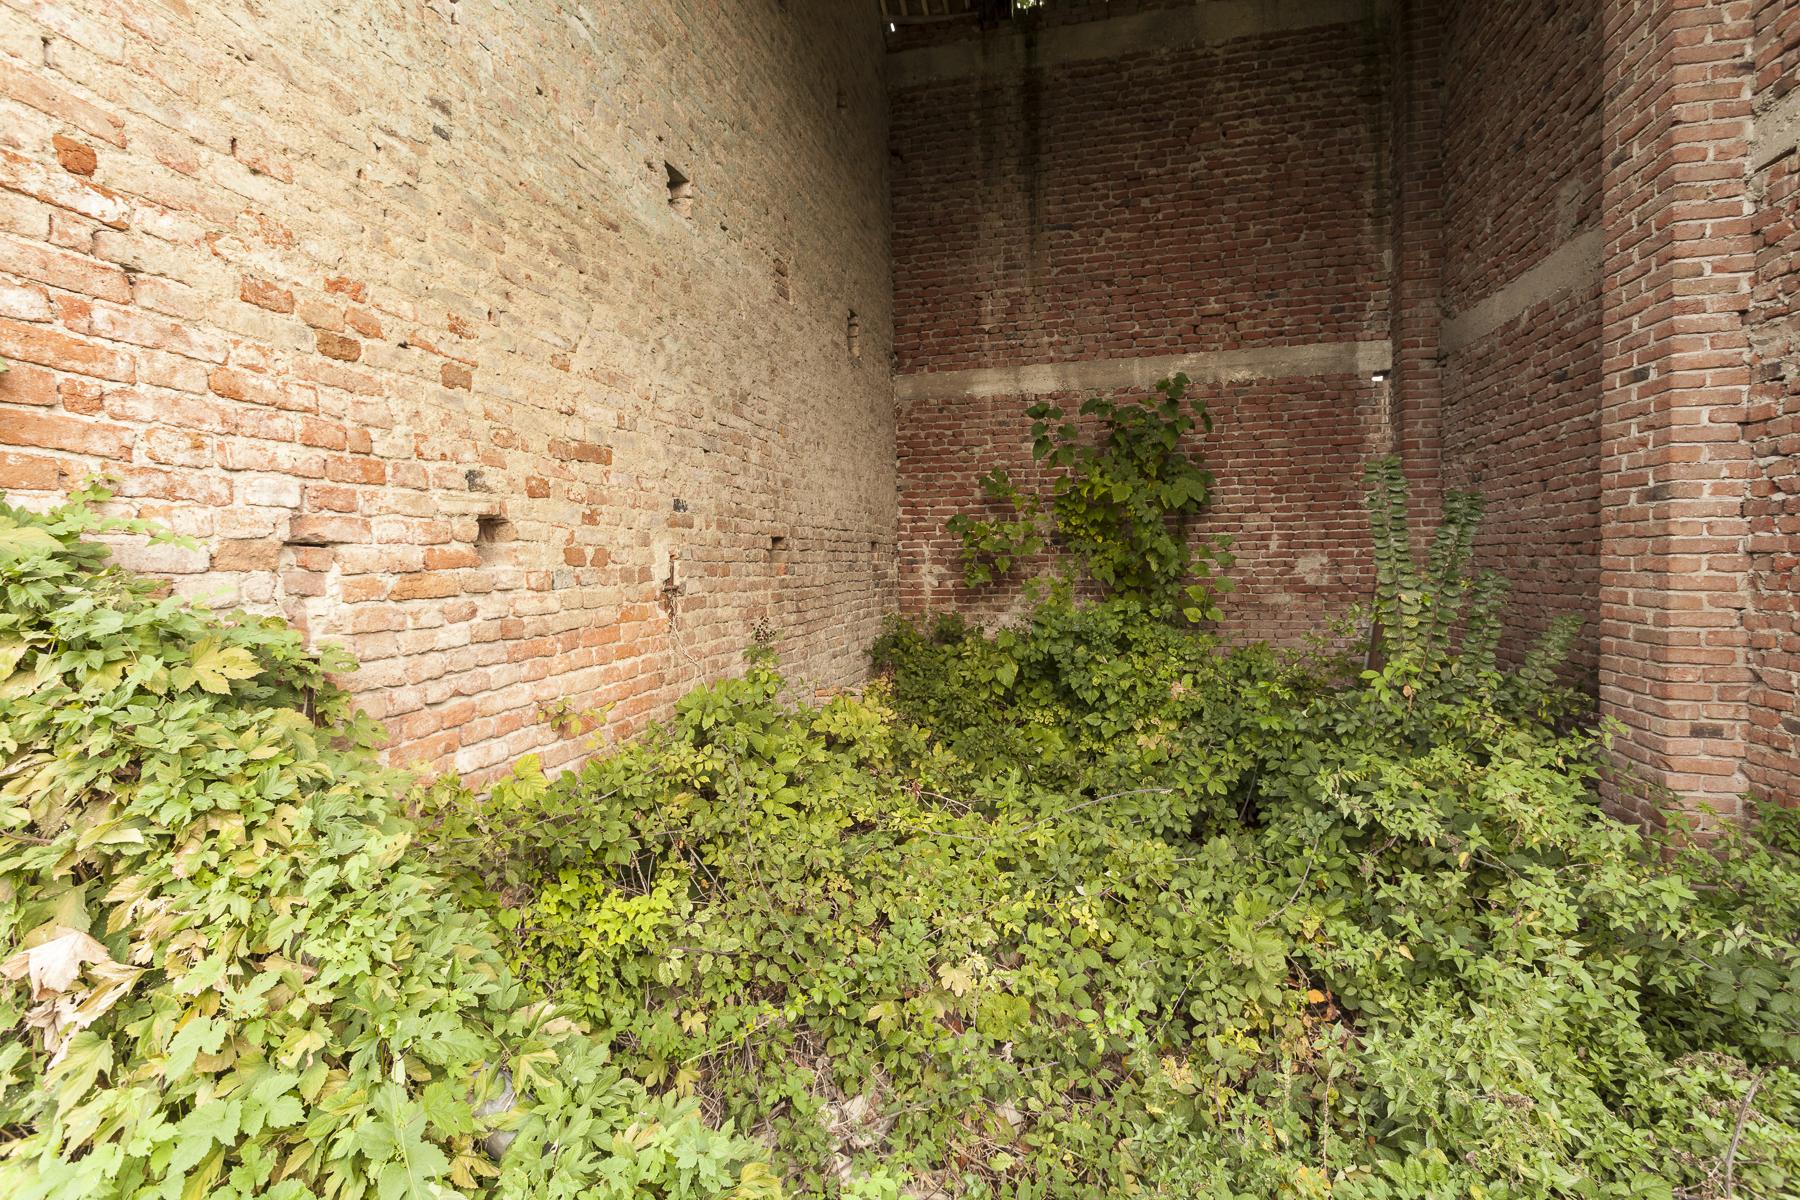 Rustico in Vendita a Sciolze: 5 locali, 500 mq - Foto 9